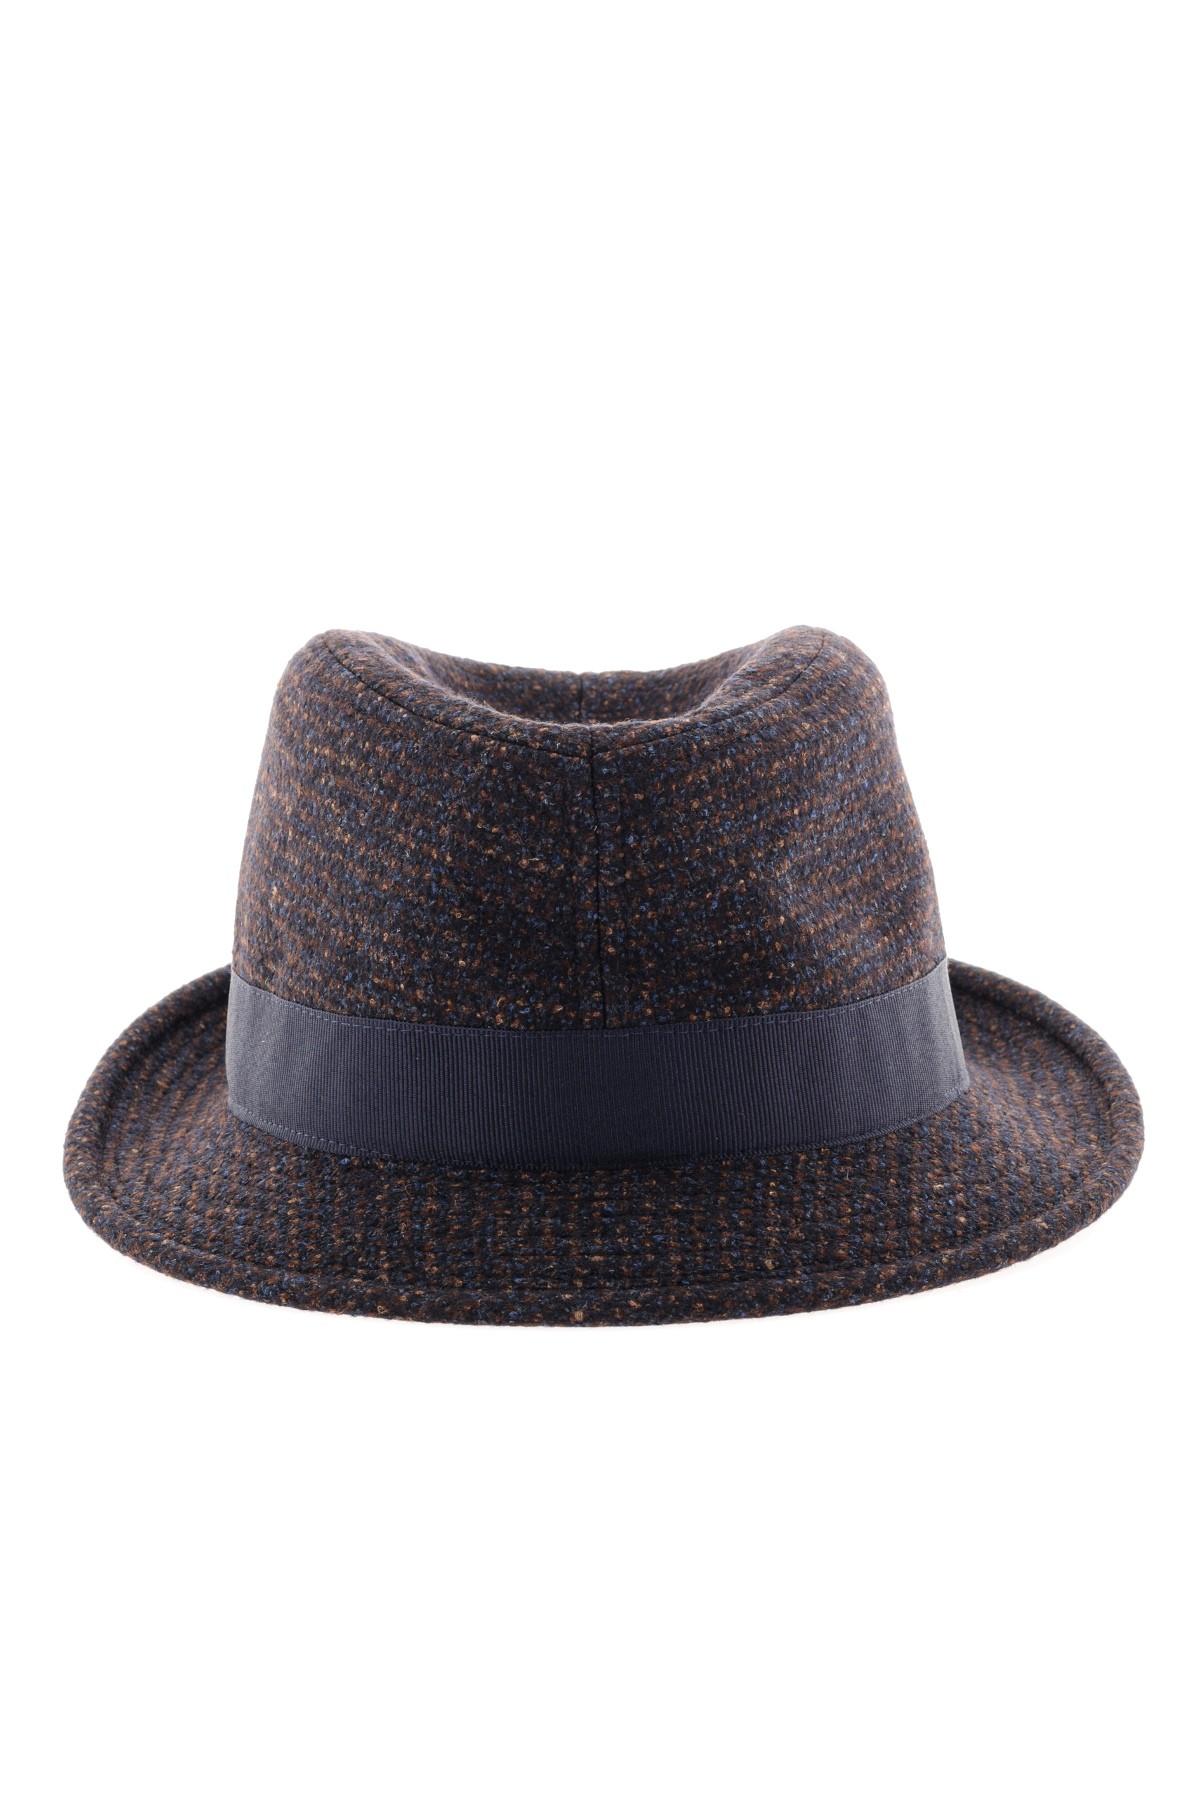 507ff151a6e TAGLIATORE F W 16-17 Hat for men with brown profile - Rione Fontana